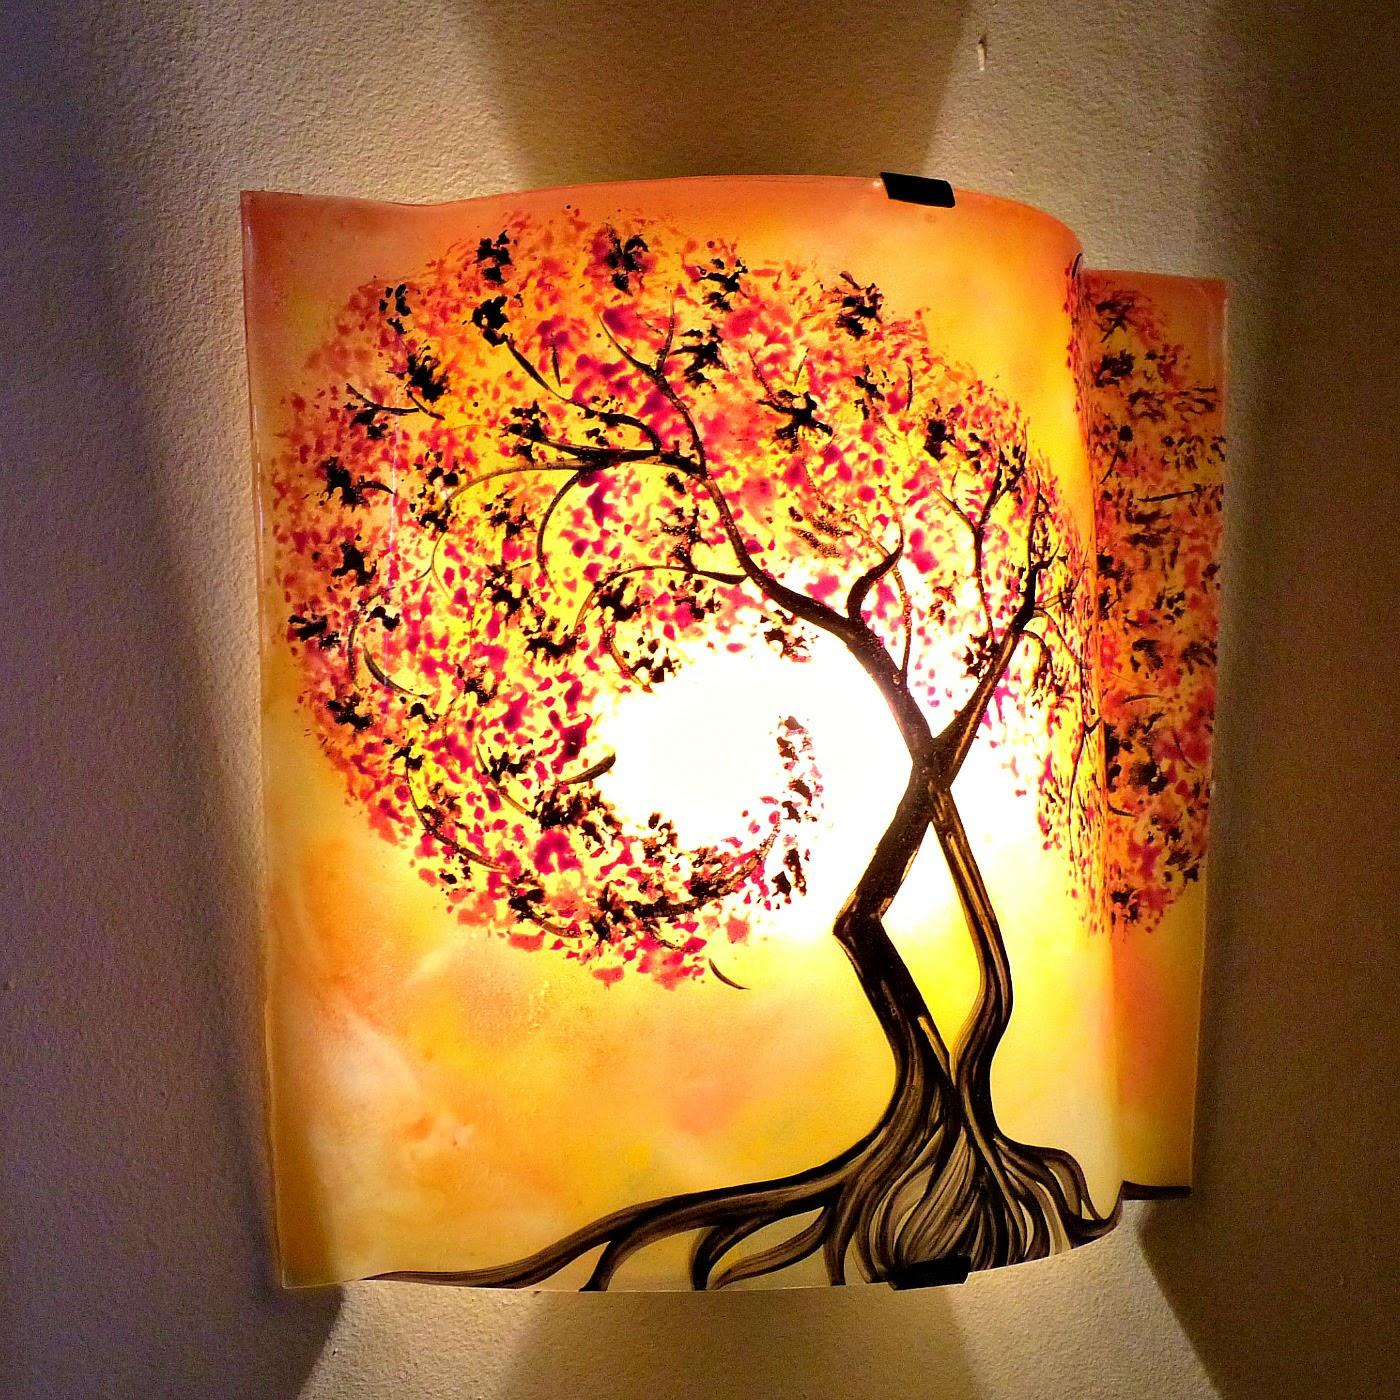 Luminaire applique murale jaune orange motif l arbre a volute rouge couleur personnalisable 2